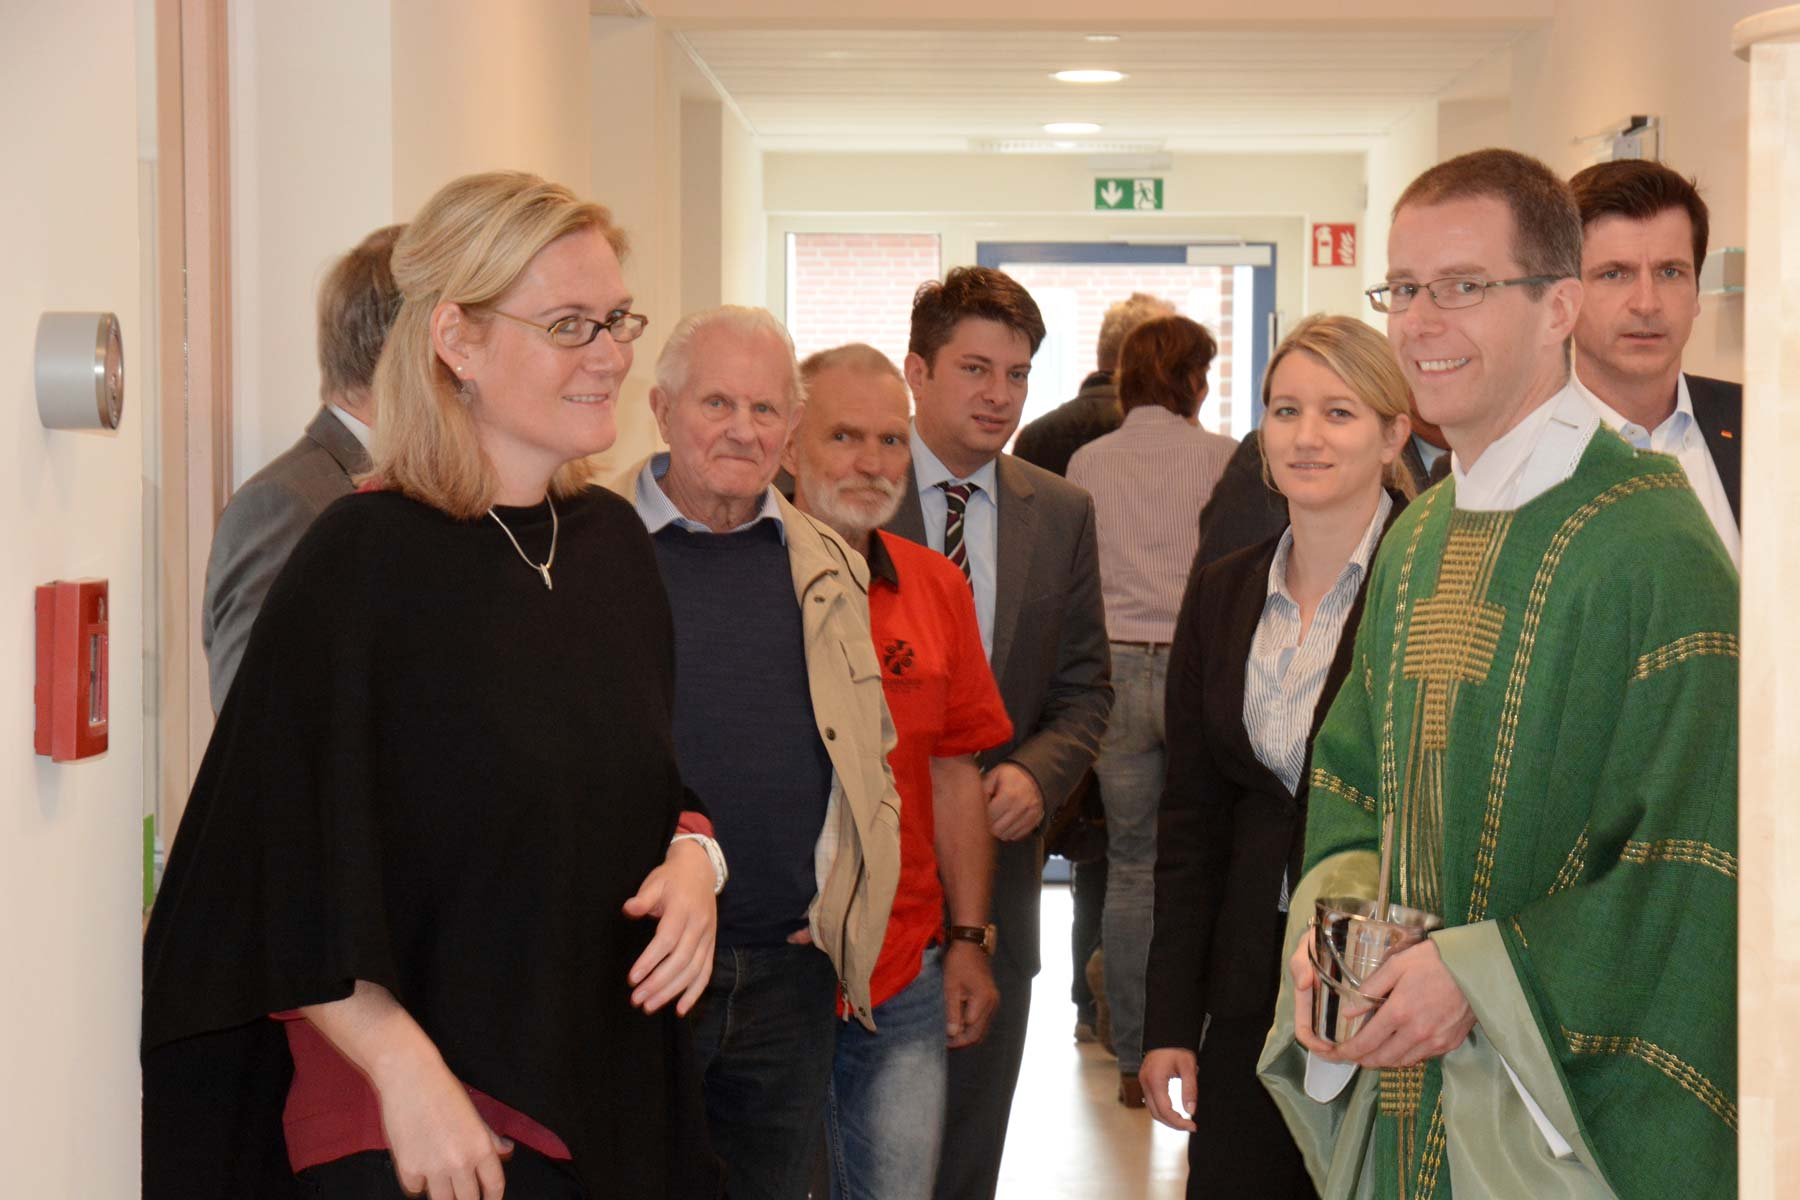 Claudia Buschermöhle und Pastor Dr.Ansgar Stolte führten die Gäste, unter Ihnen Christian Calderone (MdL) und Dr. Andre Berghegger (MdB), durch die Räume der neuen Kita